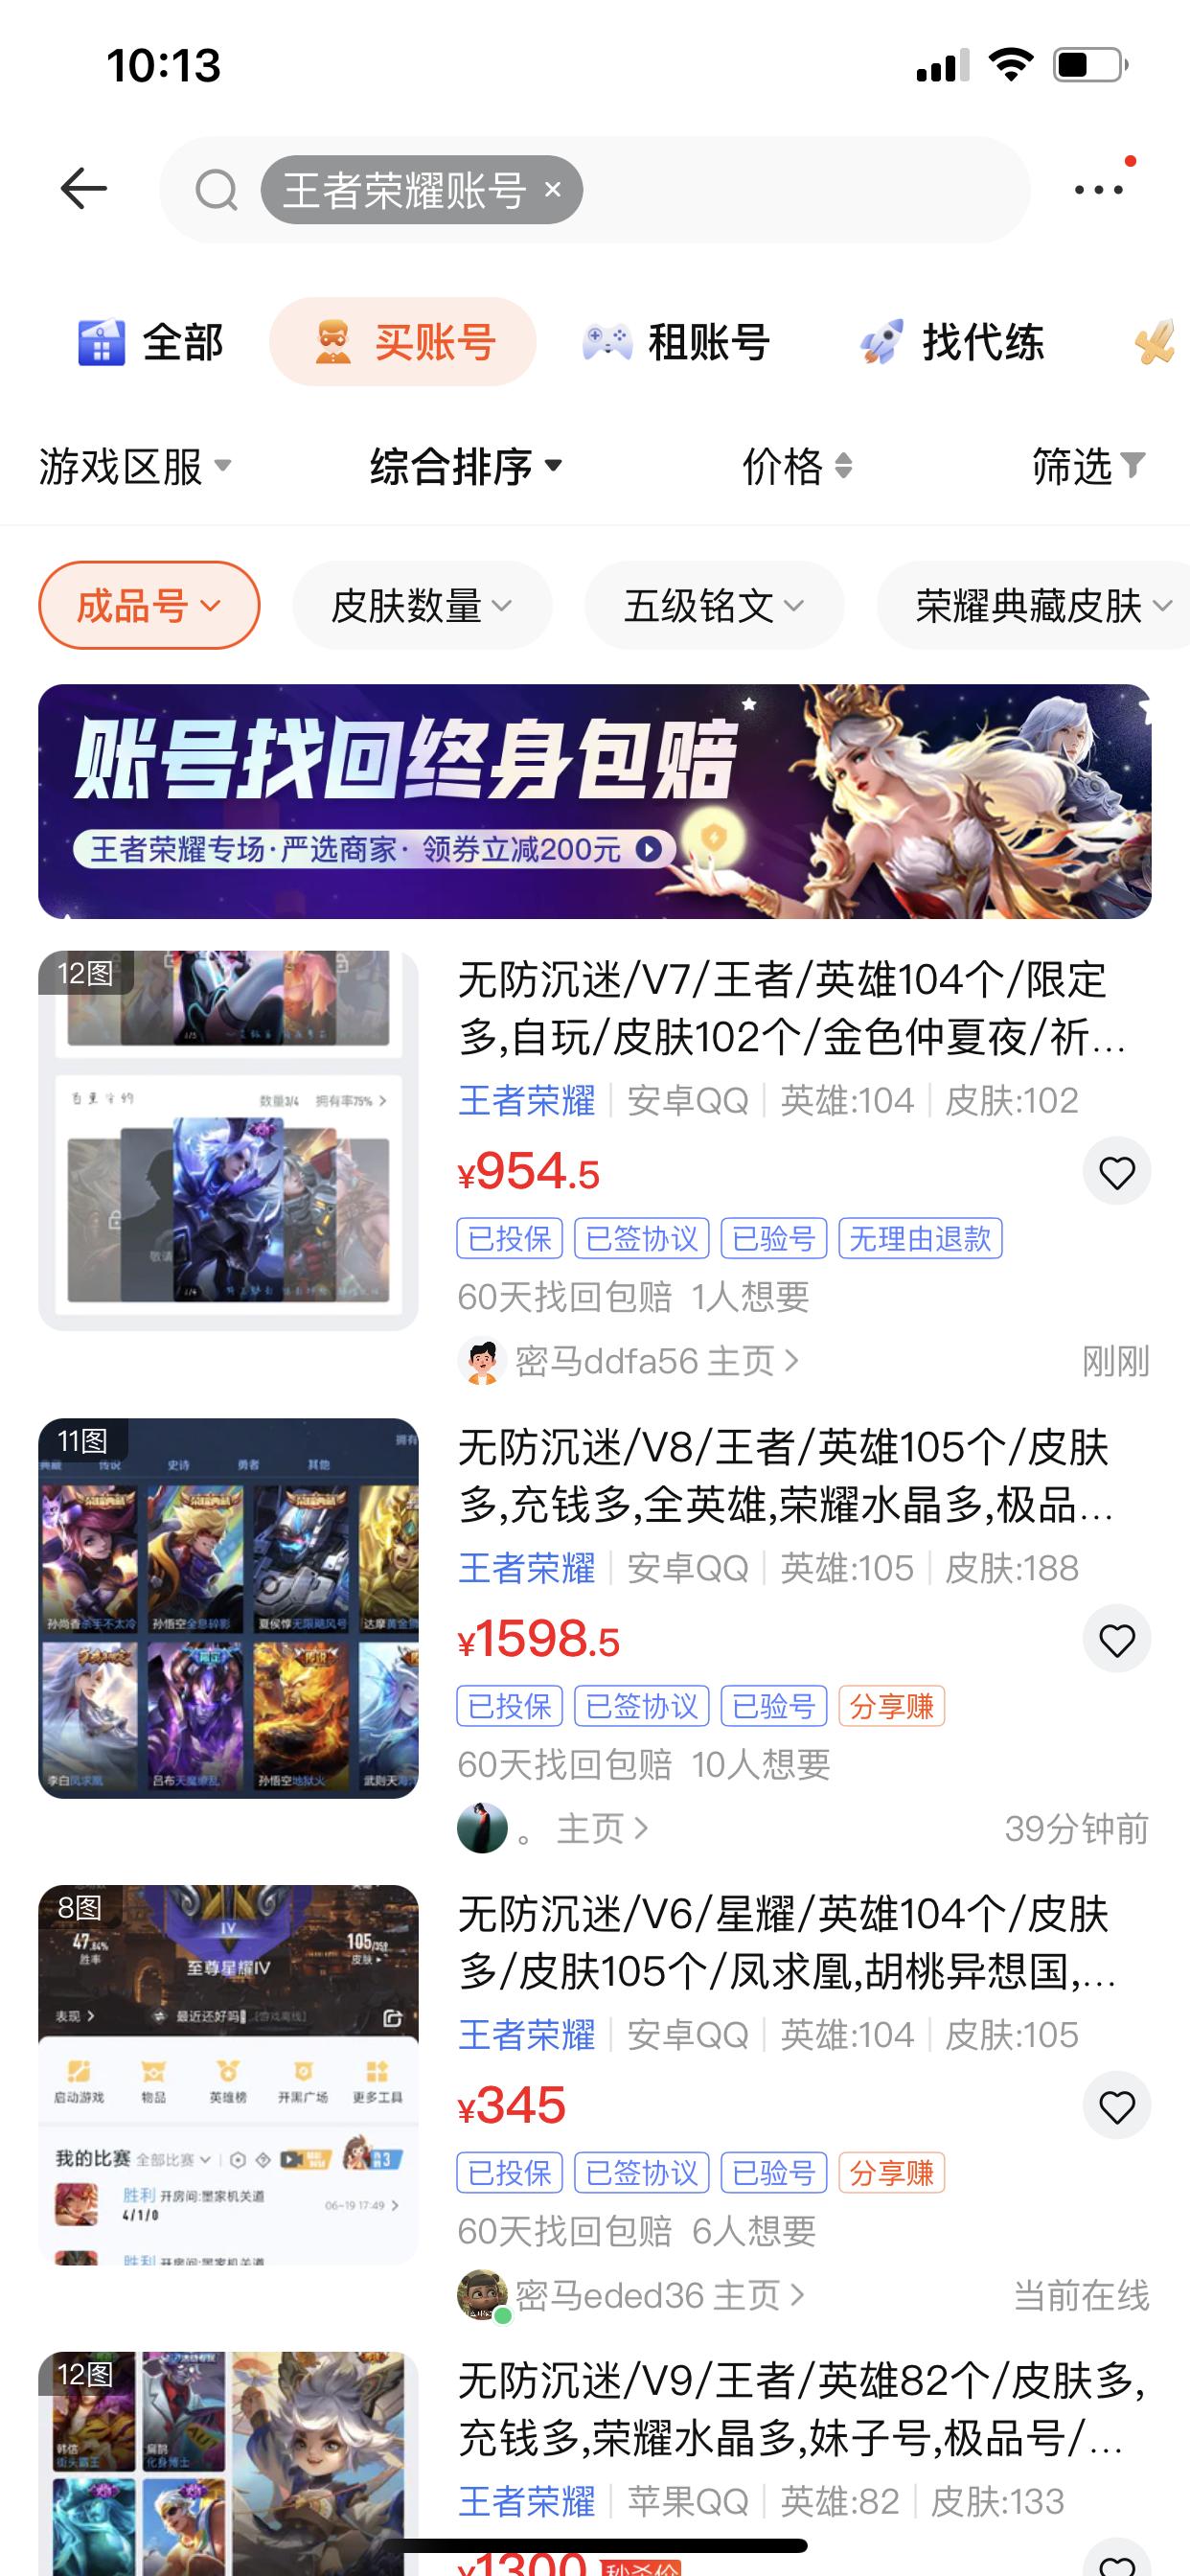 【捕鱼王】买卖游戏账号哪个平台好,密马App怎么样?